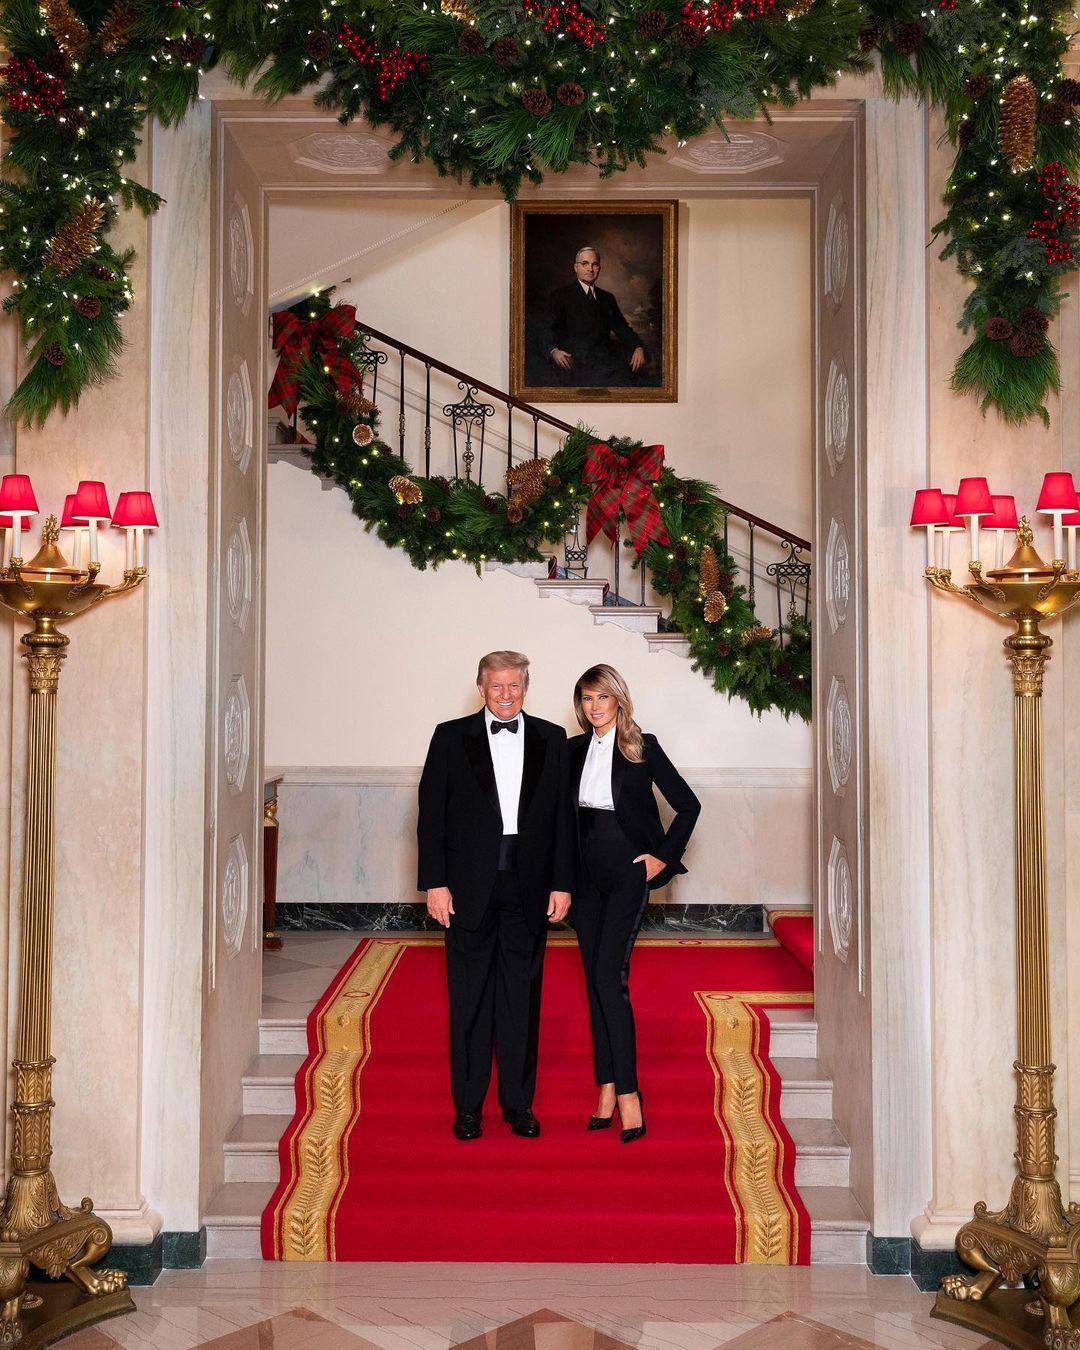 В одинаковых смокингах: Дональд и Мелания Трамп представили рождественскую открытку